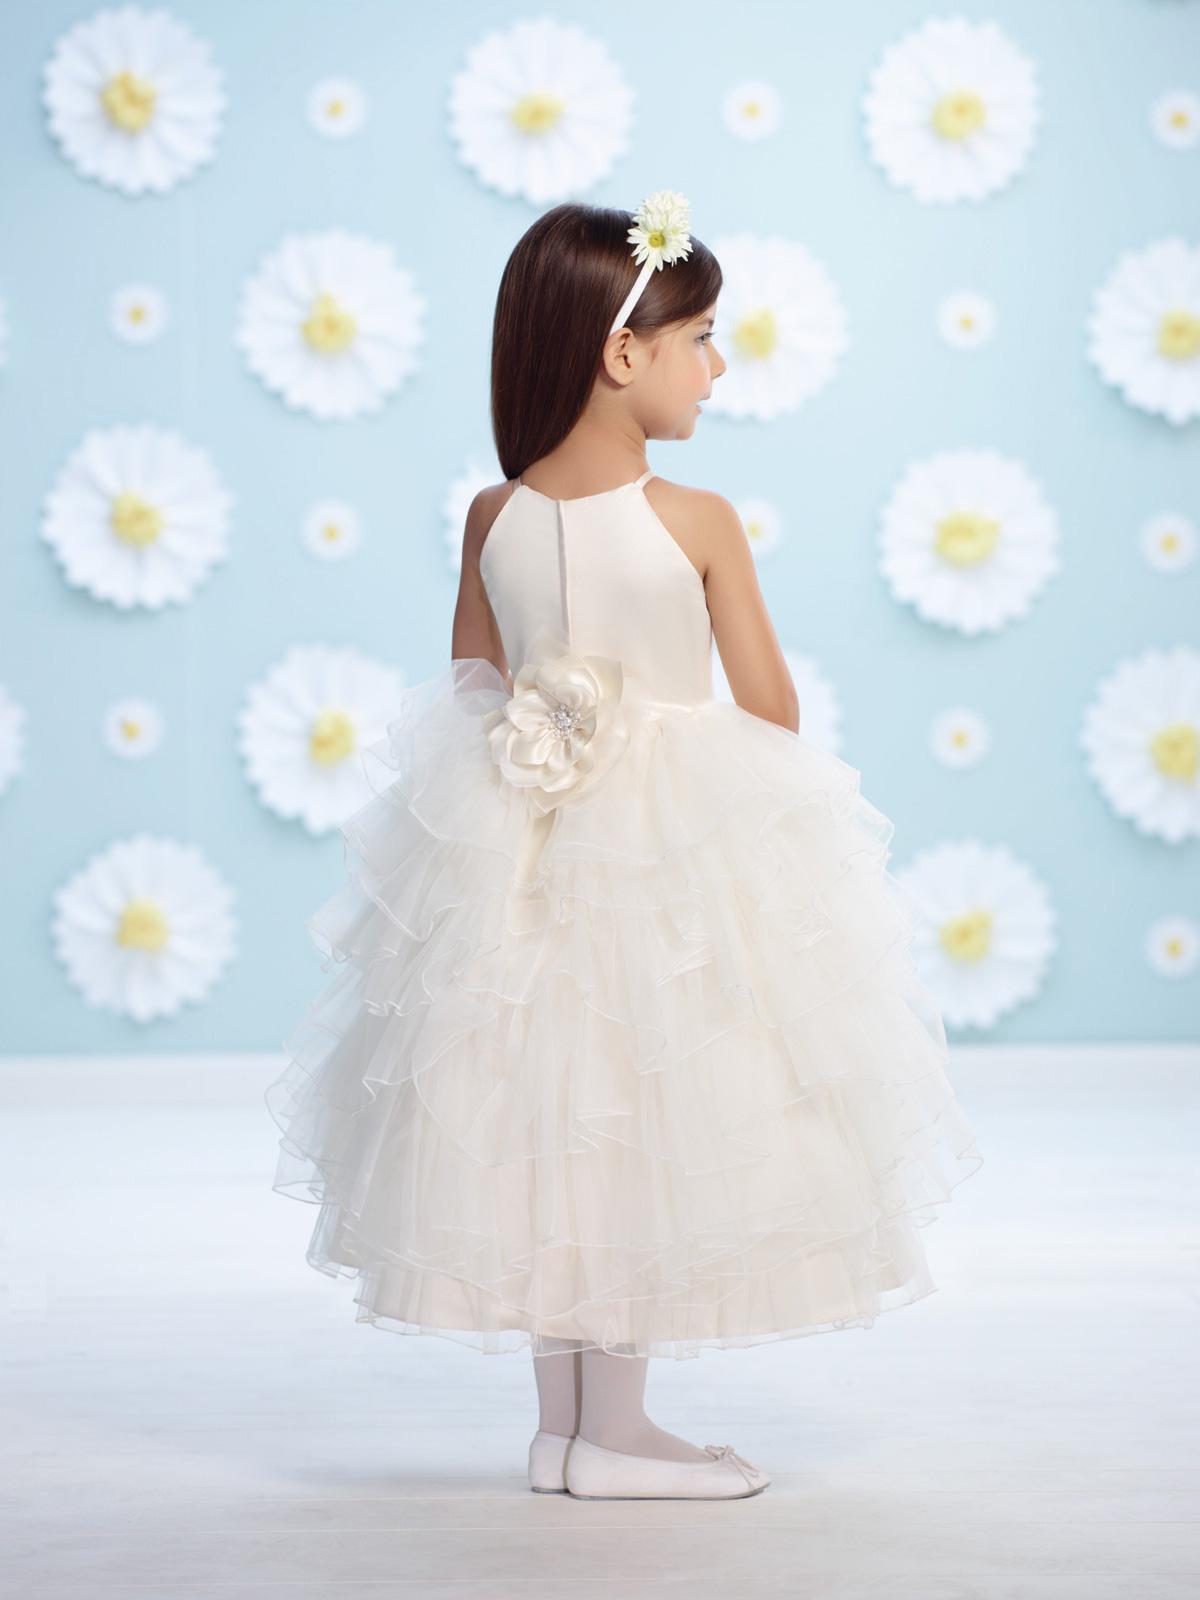 Vestido de Dama com corpo em cetim e sobreposição de mini tomas em tule transpassadas, saia ampla toda em folhas de tule francês.